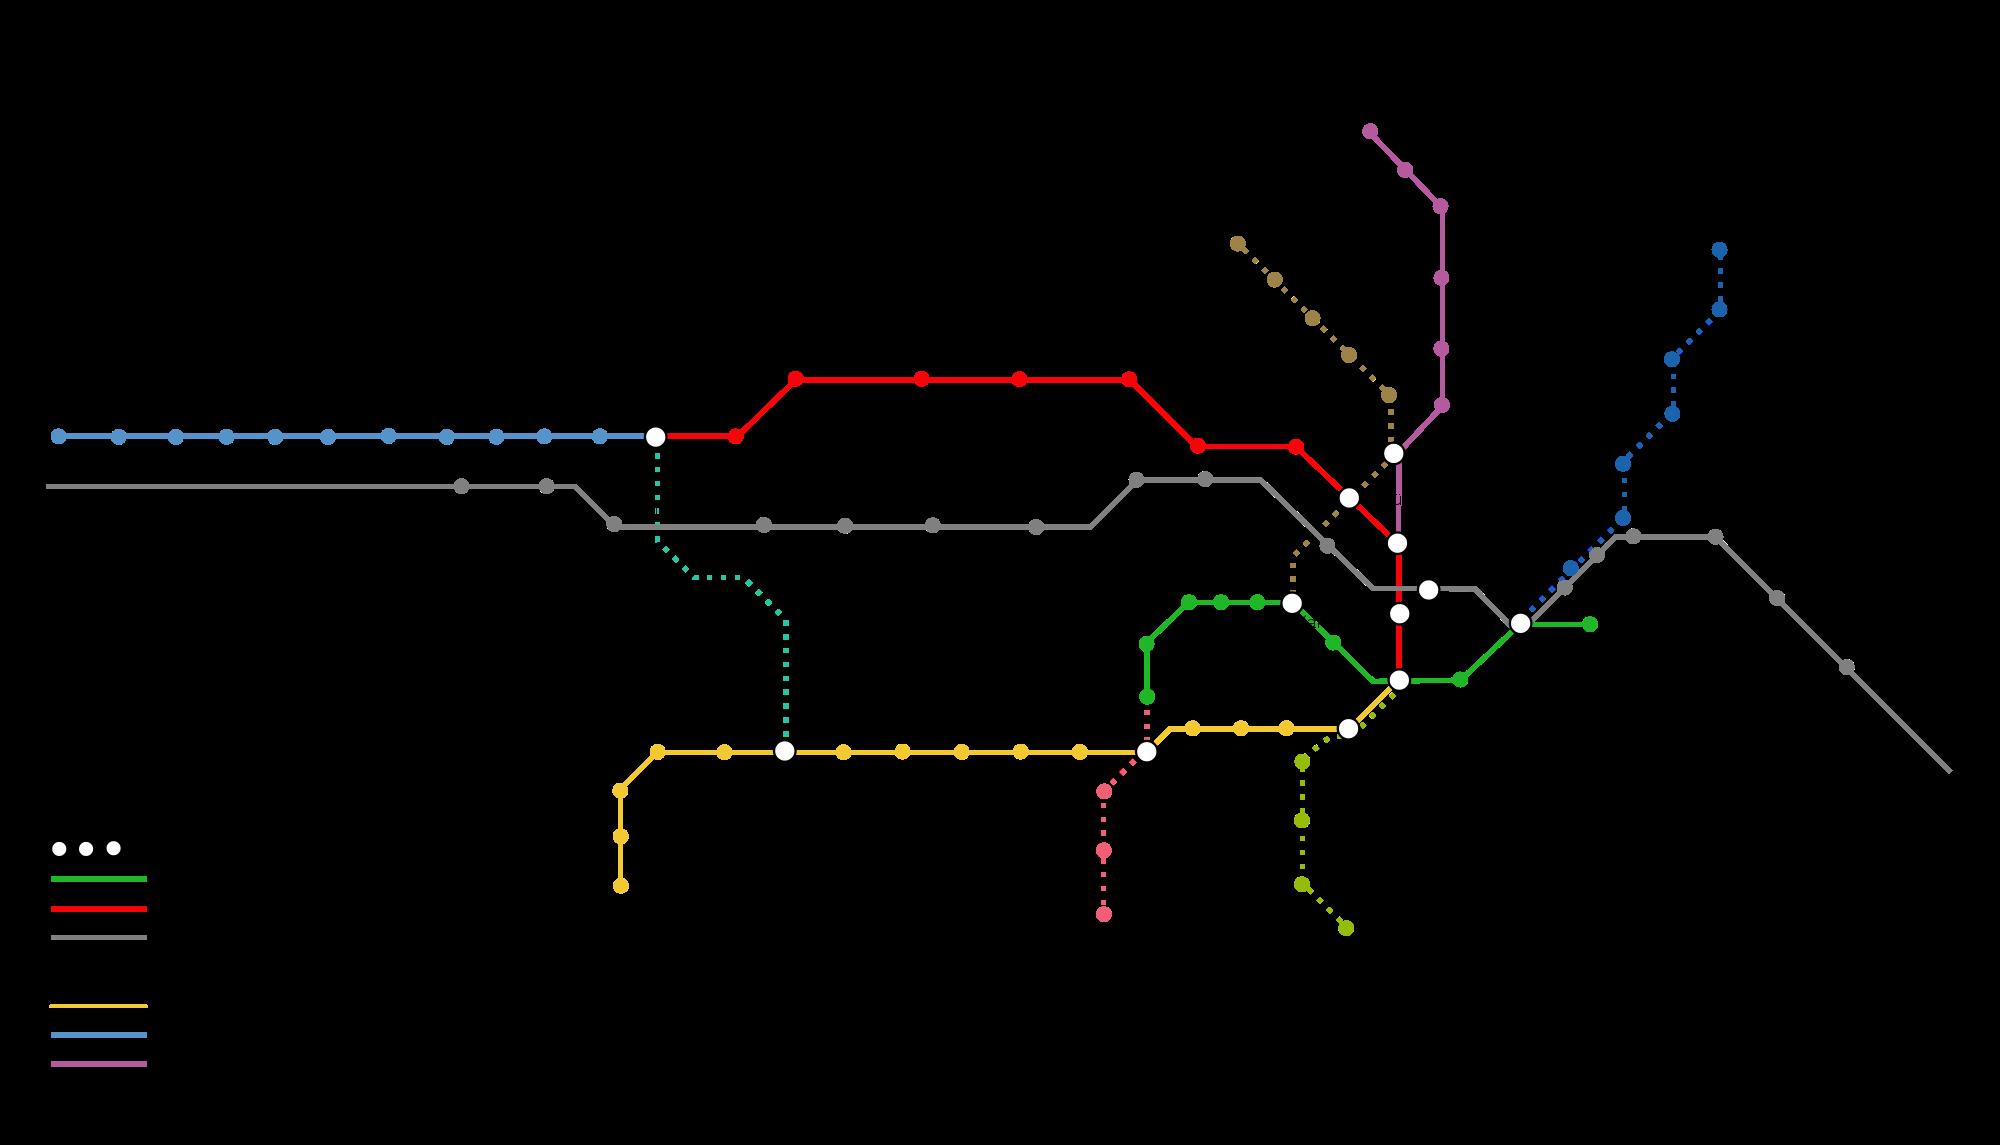 Ankara Turkey A glimpse of Ankara Pinterest Ankara and Subway map